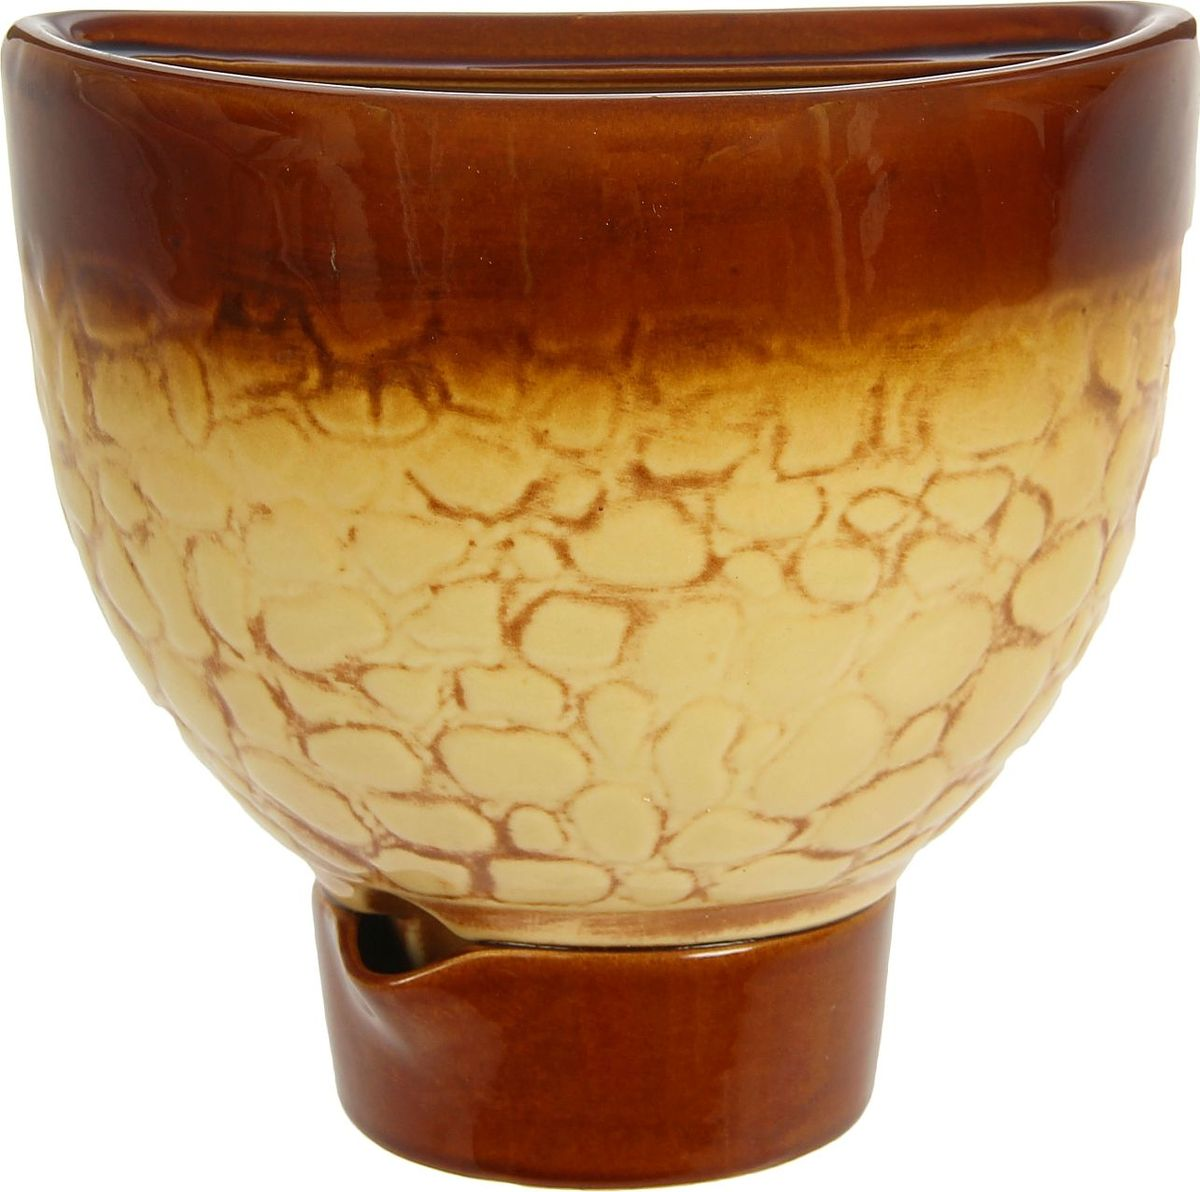 Кашпо Эра, цвет: бежевый, коричневый, 3,4 л1241221Комнатные растения — всеобщие любимцы. Они радуют глаз, насыщают помещение кислородом и украшают пространство. Каждому из них необходим свой удобный и красивый дом. Кашпо из керамики прекрасно подходят для высадки растений: за счет пластичности глины и разных способов обработки существует великое множество форм и дизайнов пористый материал позволяет испаряться лишней влаге воздух, необходимый для дыхания корней, проникает сквозь керамические стенки! позаботится о зеленом питомце, освежит интерьер и подчеркнет его стиль.